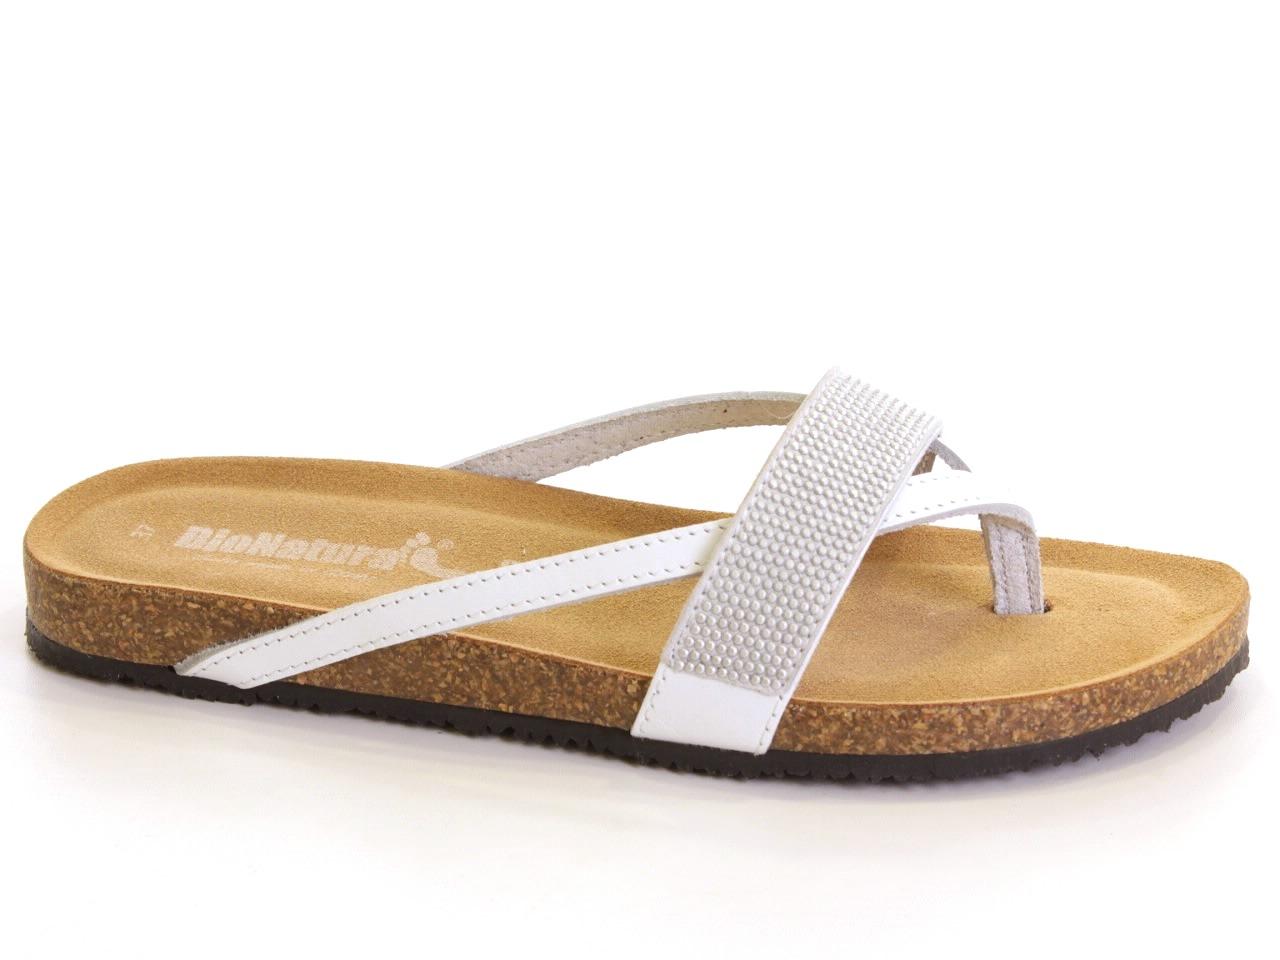 Flat Sandals Bionatura - 328 04 A 554